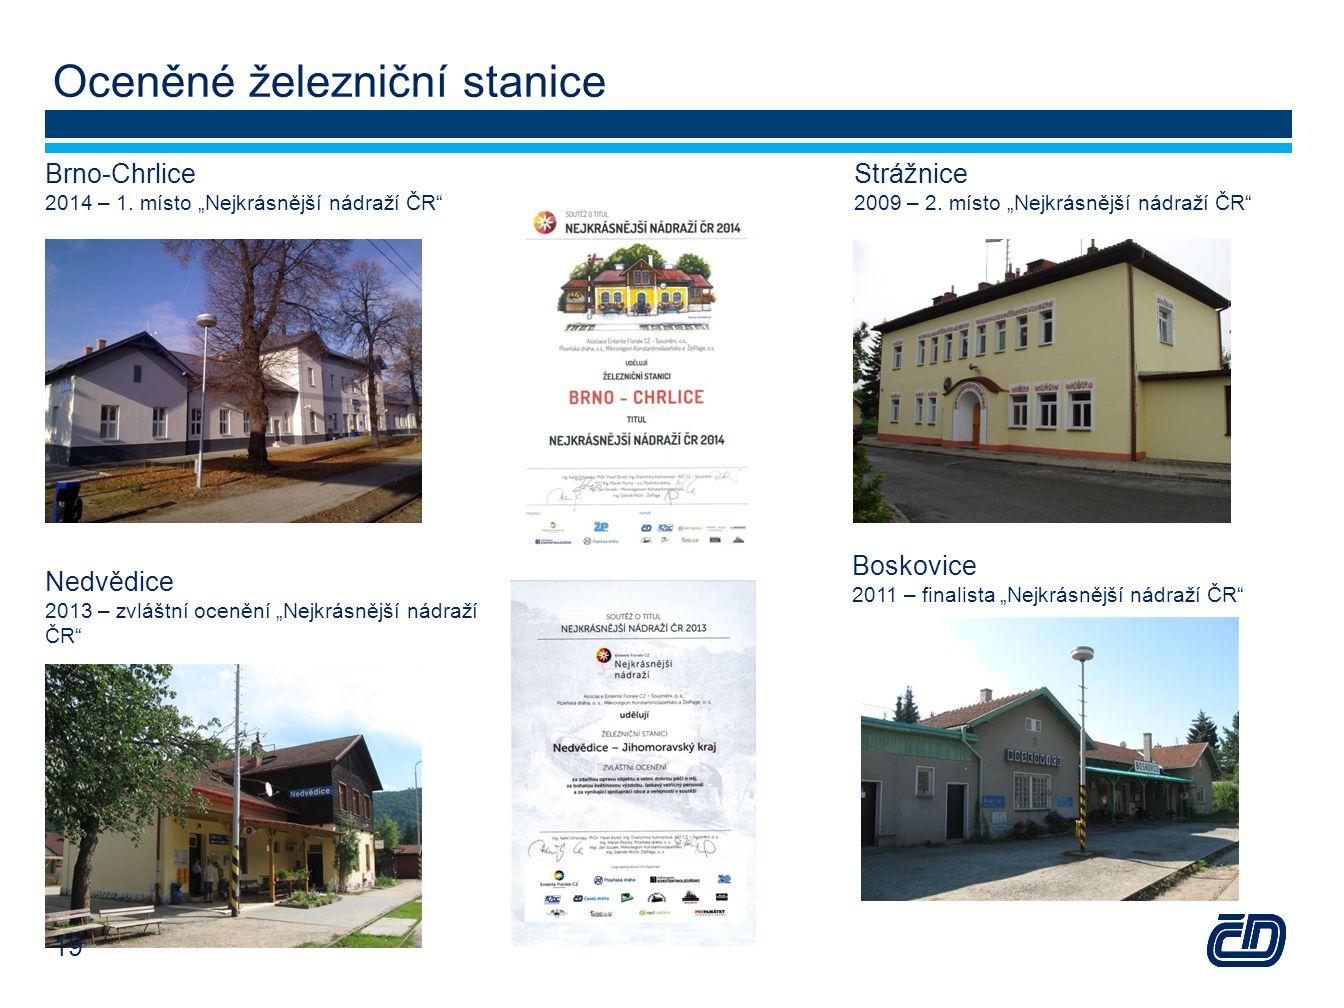 """Oceněné železniční stanice Strážnice 2009 – 2. místo """"Nejkrásnější nádraží ČR"""" Brno-Chrlice 2014 – 1. místo """"Nejkrásnější nádraží ČR"""" Nedvědice 2013 –"""